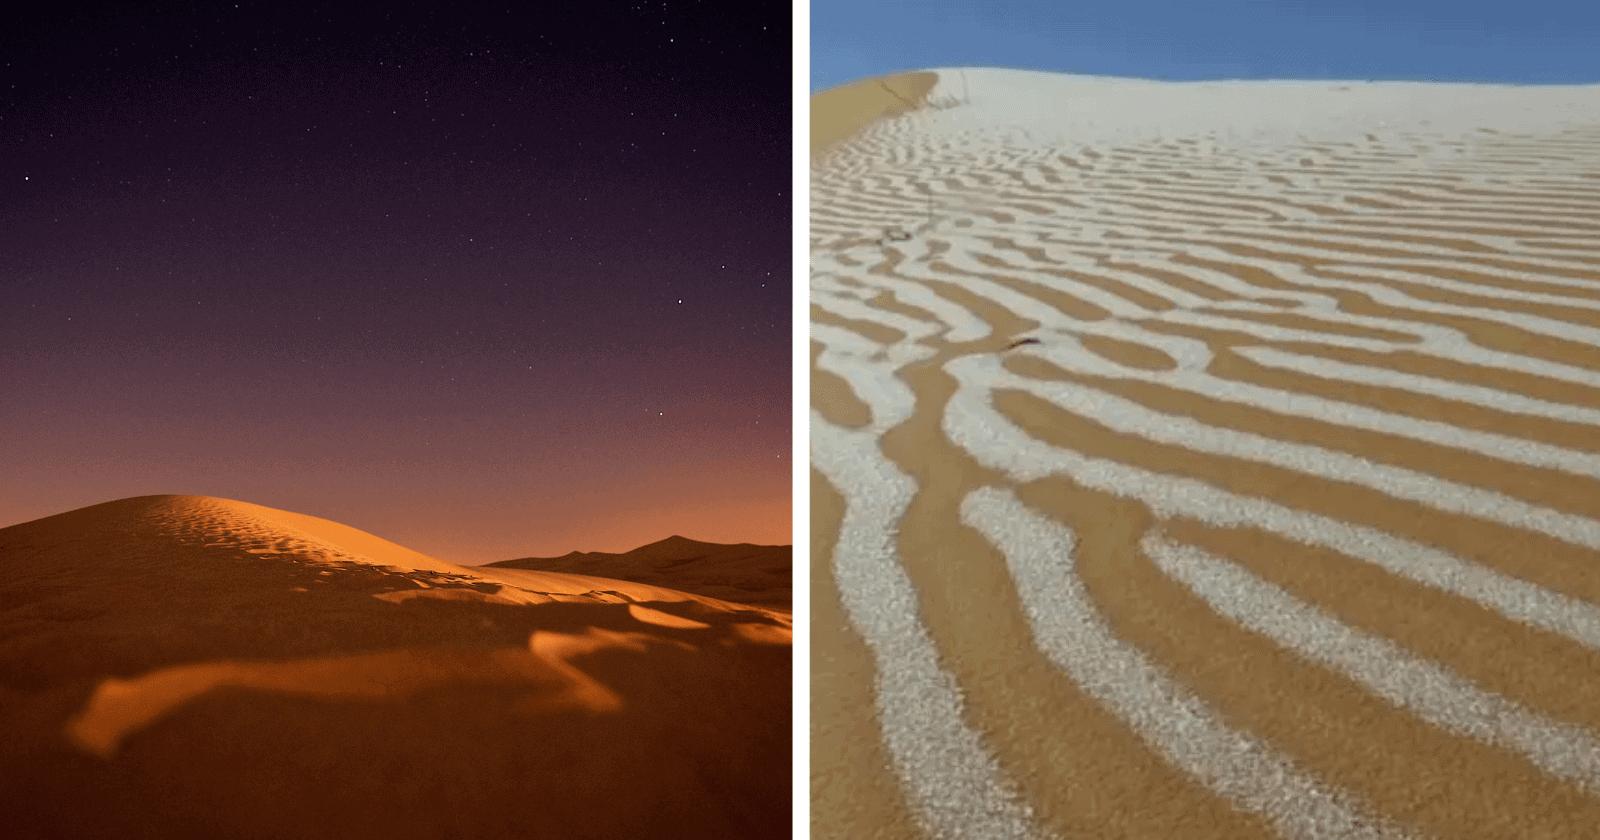 Fenômeno raro ocorre no Saara e após 40 anos é encontrado gelo e neve no deserto